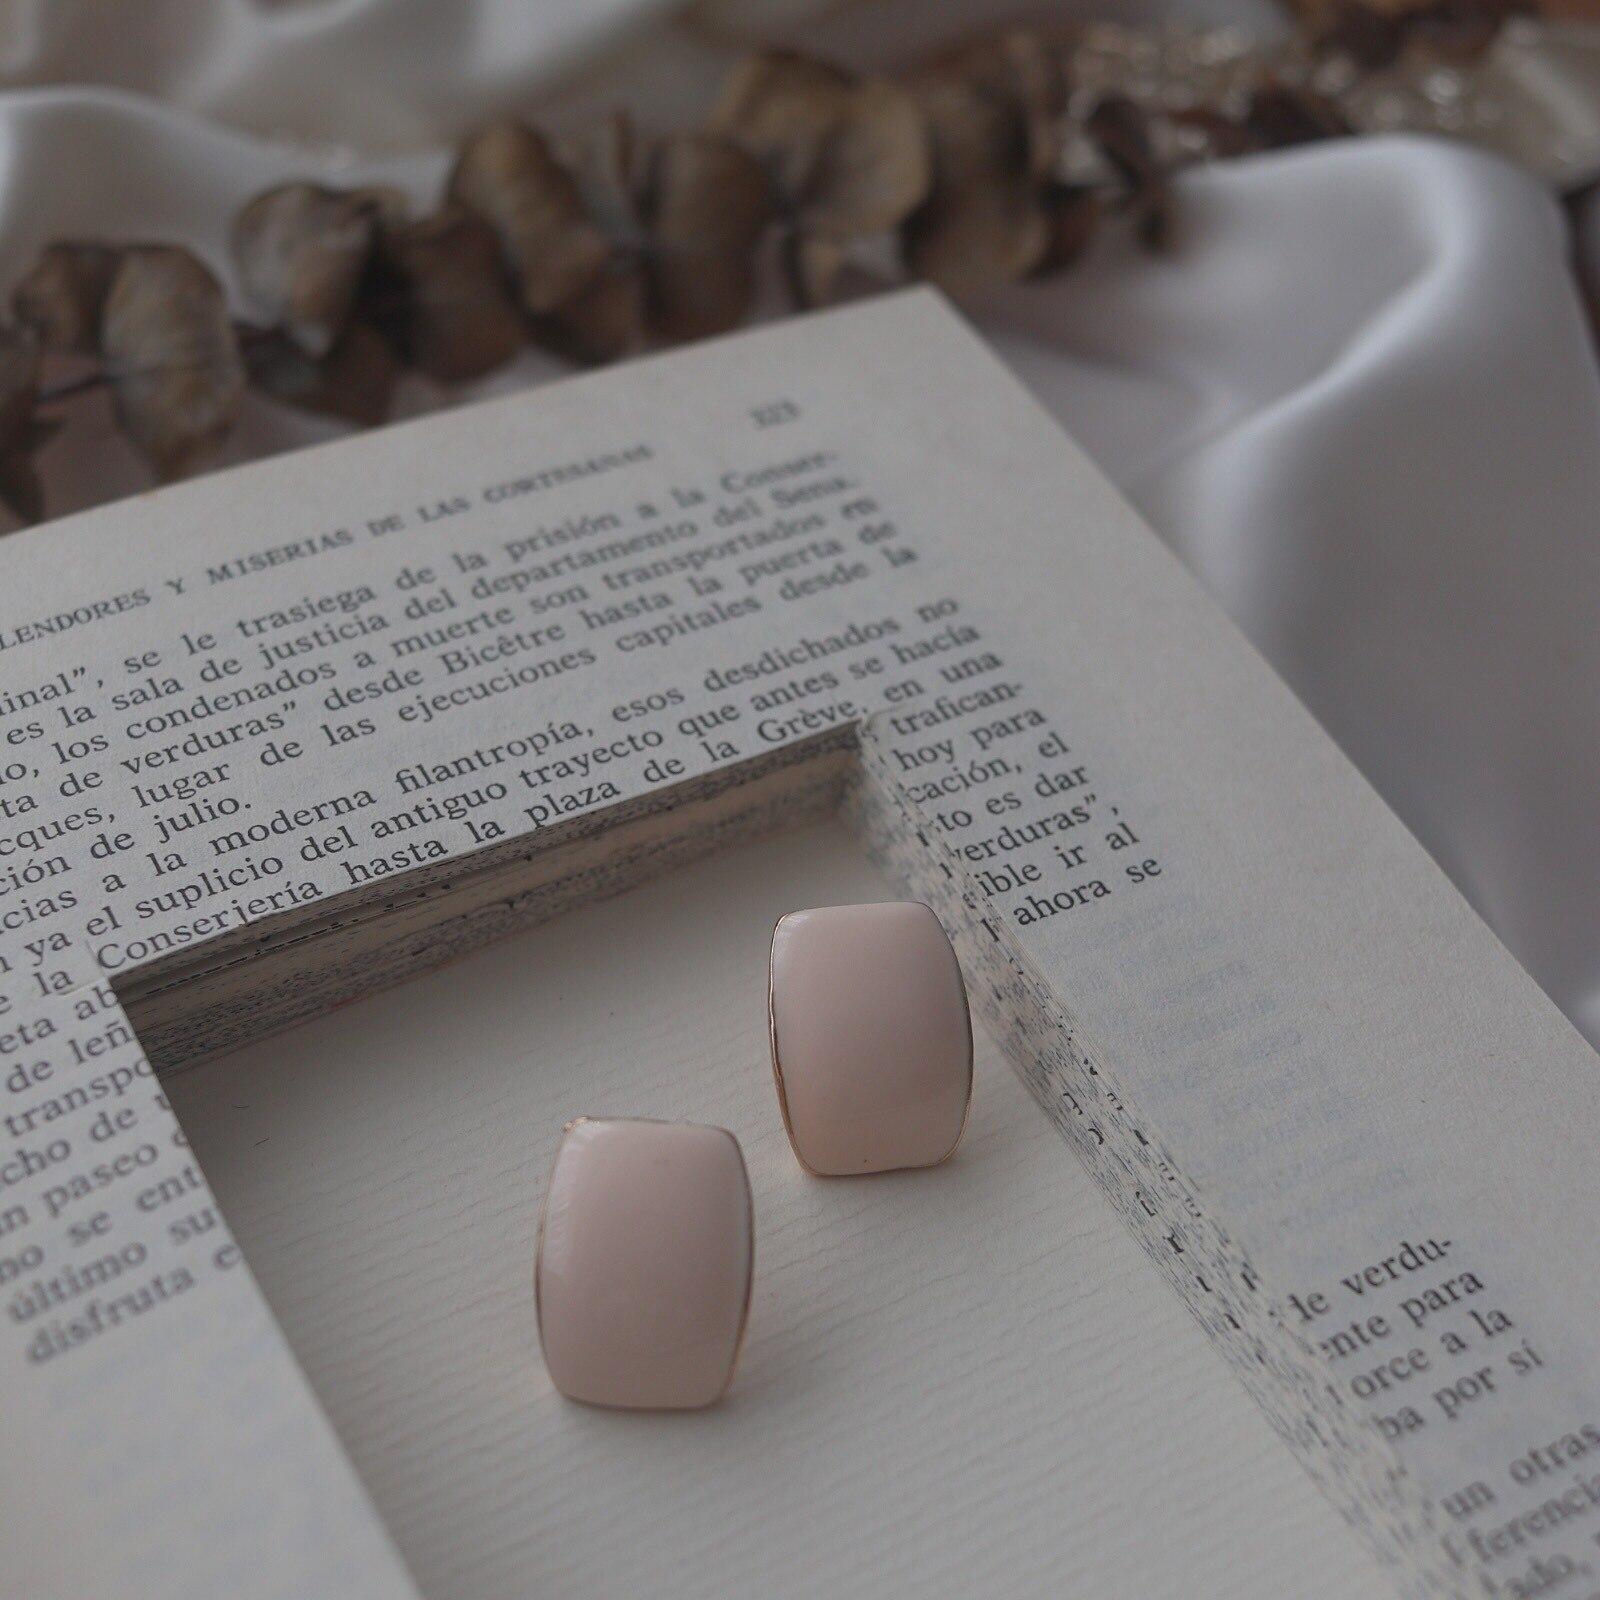 2019 Korea Earring Vintage Ear Rings Colorful Enamel Geometric Glaze Women Earrings Boho Girl Summer Ear Rings Beach Gift in Stud Earrings from Jewelry Accessories